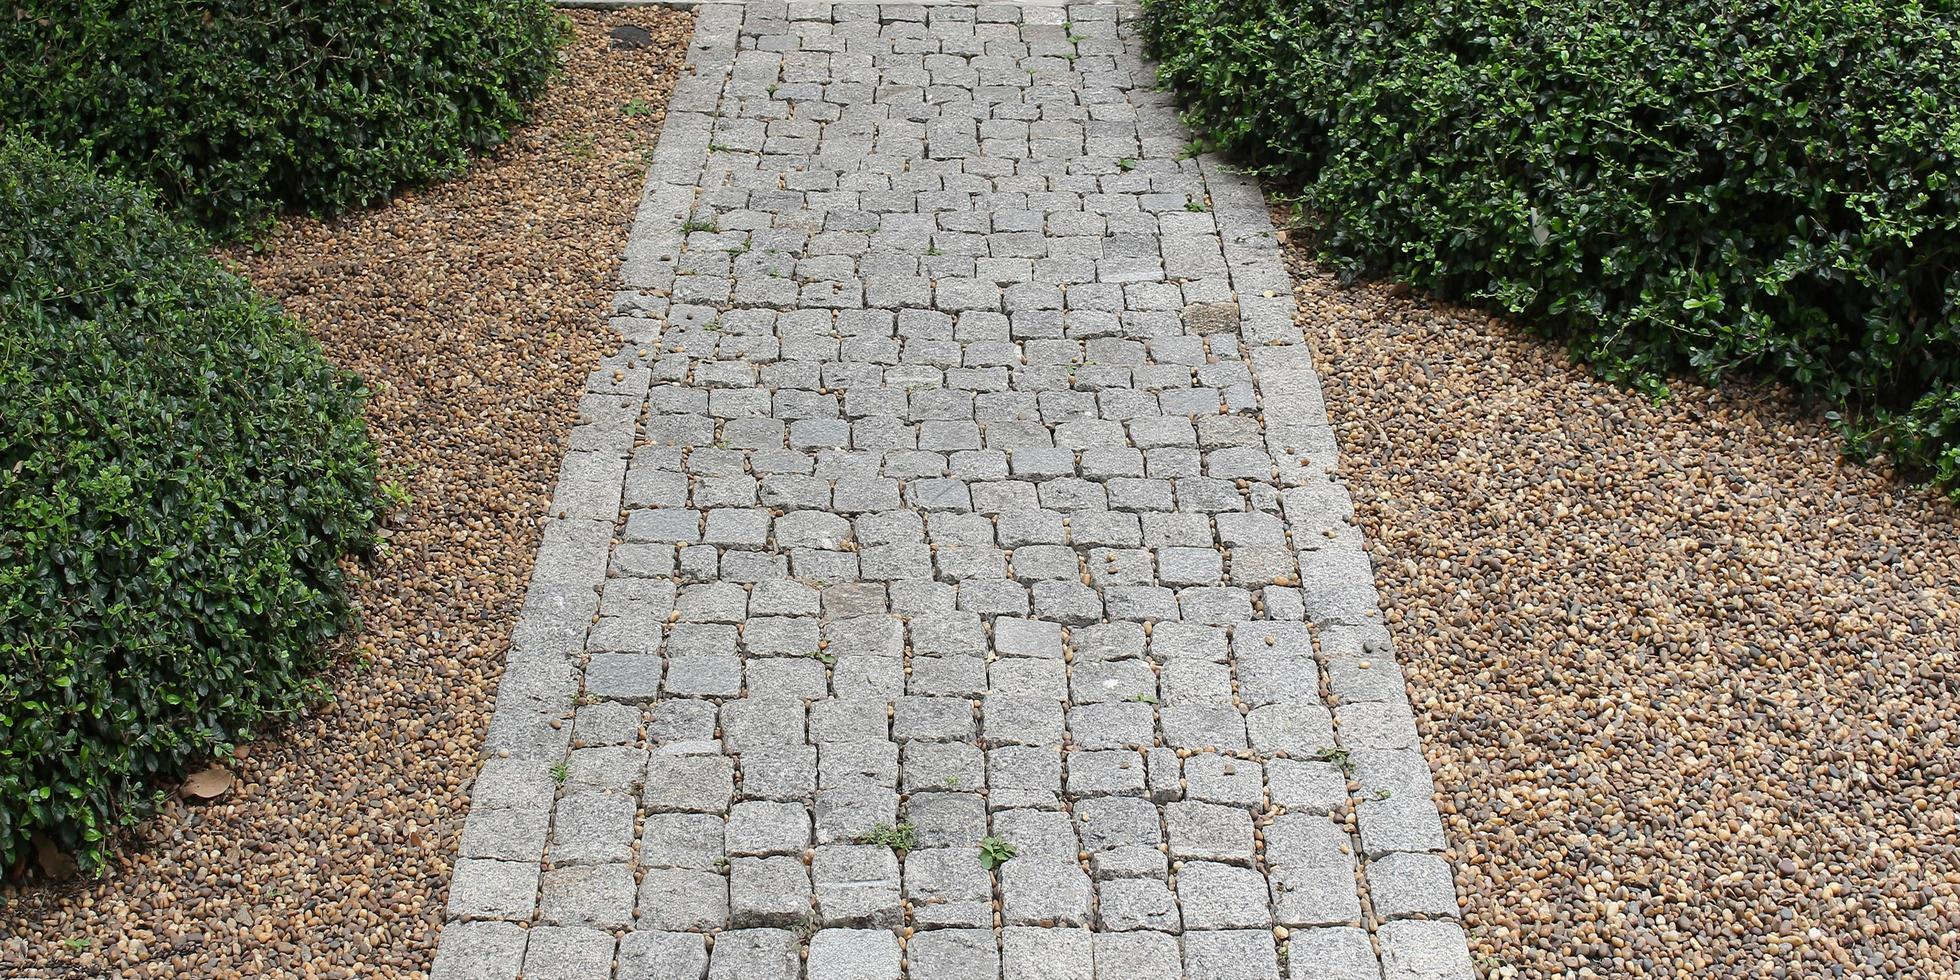 percorso di mattoni in giardino foto